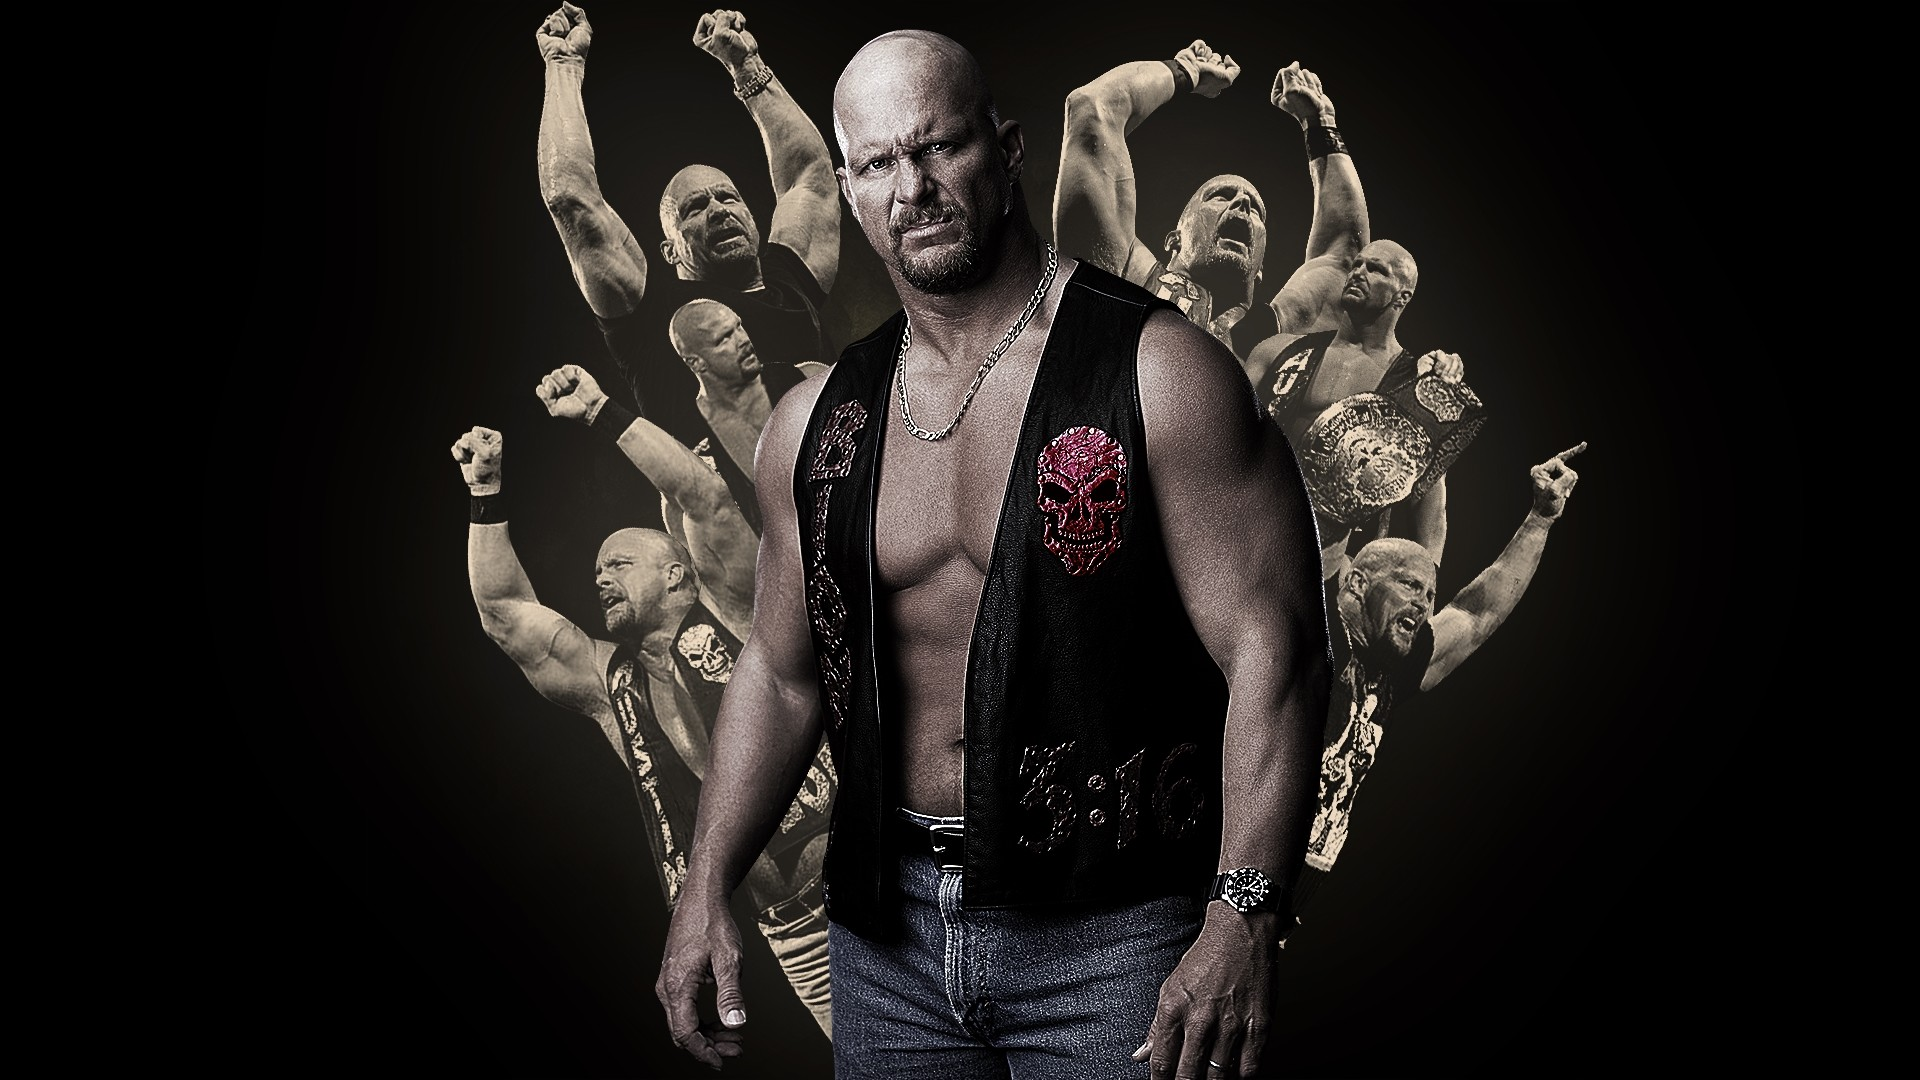 WWE HD Wallpapers 7   WWE HD Wallpapers   Pinterest   Wwe wallpapers,  Wallpaper and Hd wallpaper